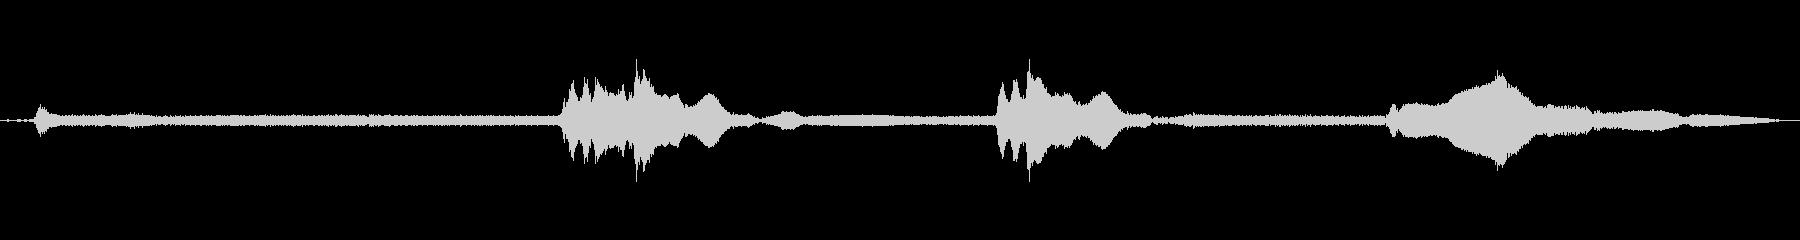 Eclipse-スタート、アイドル...の未再生の波形